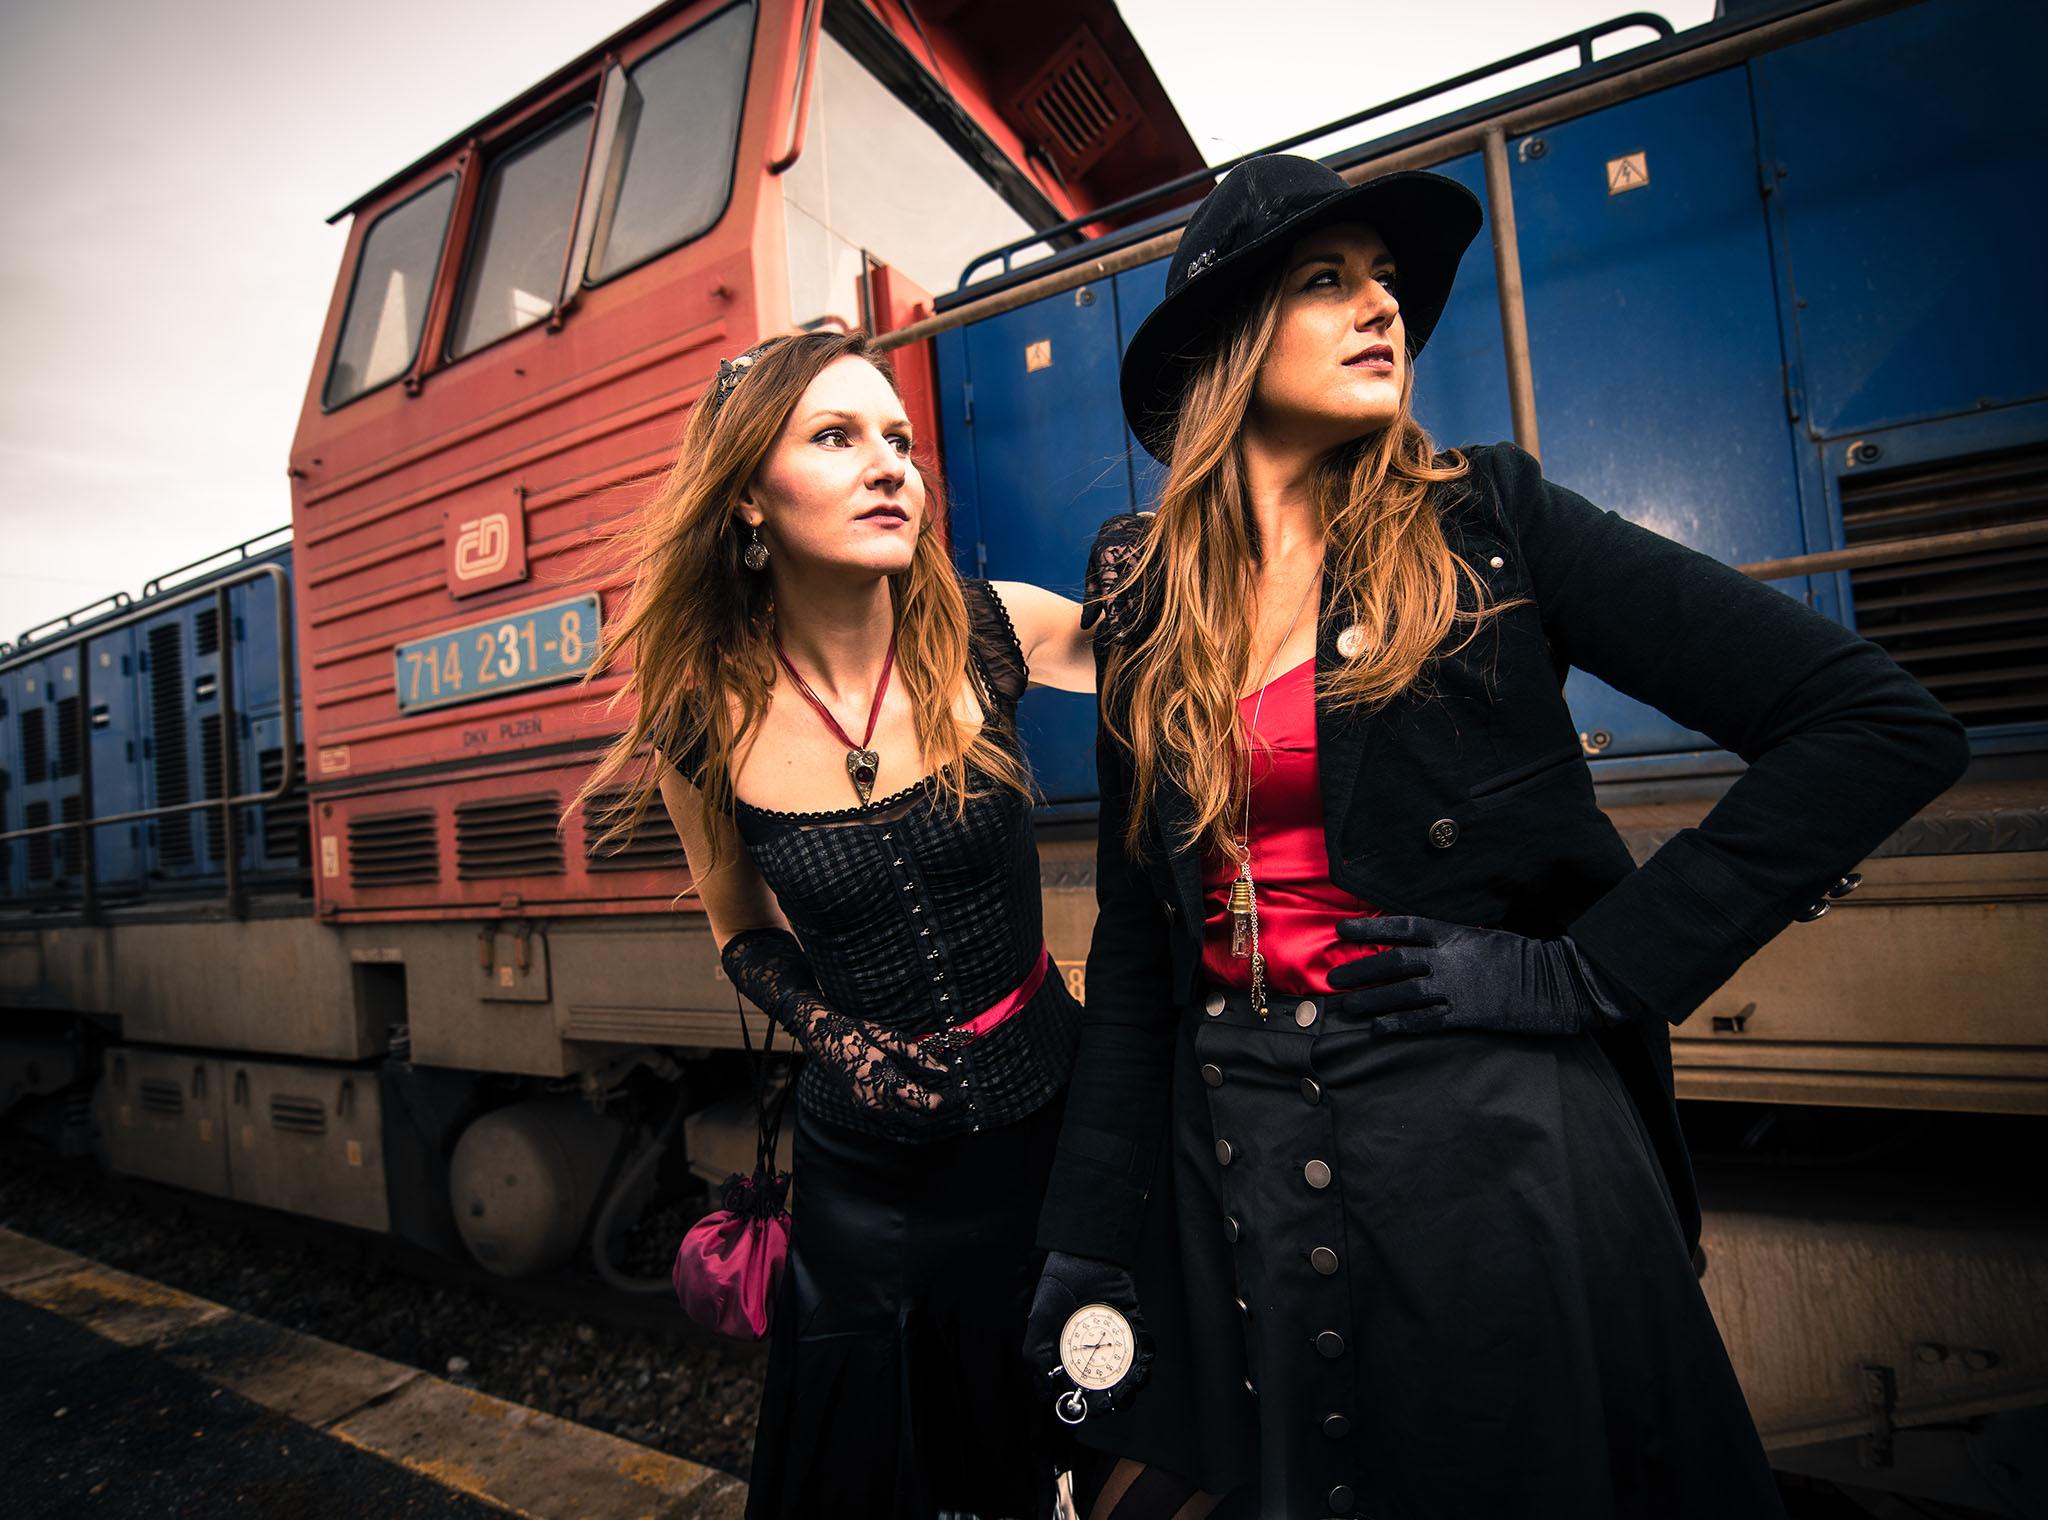 damske-sperky-ve-steampunk-stylu